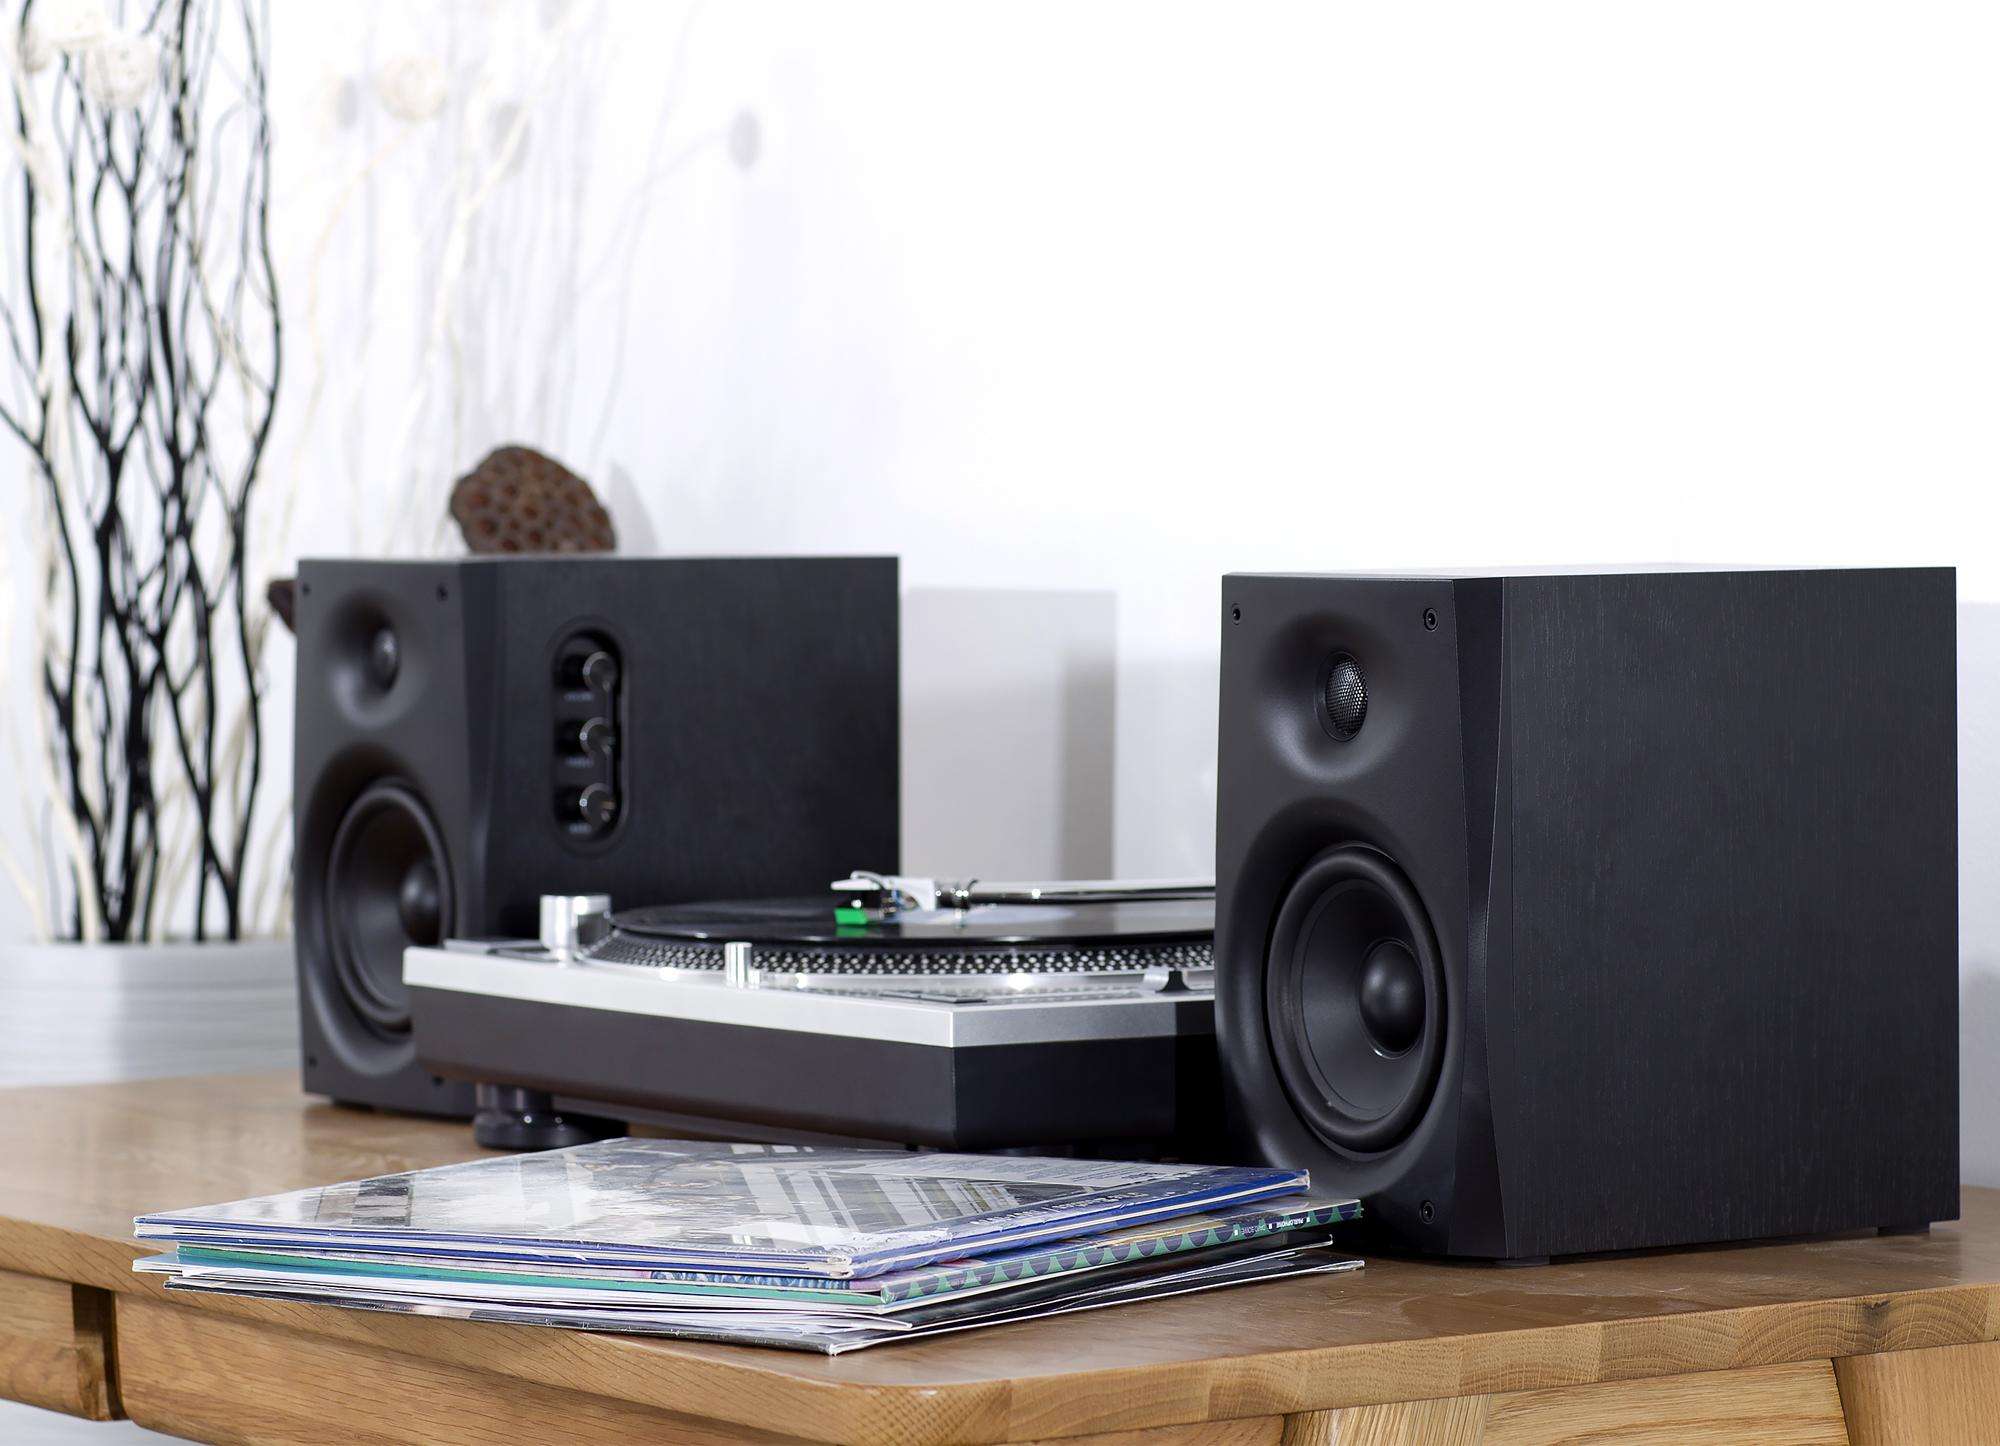 Swans Hivi M50w High End 21 Active Desktop Speakers Daftar Update Multimedia Speaker Swanspeakers